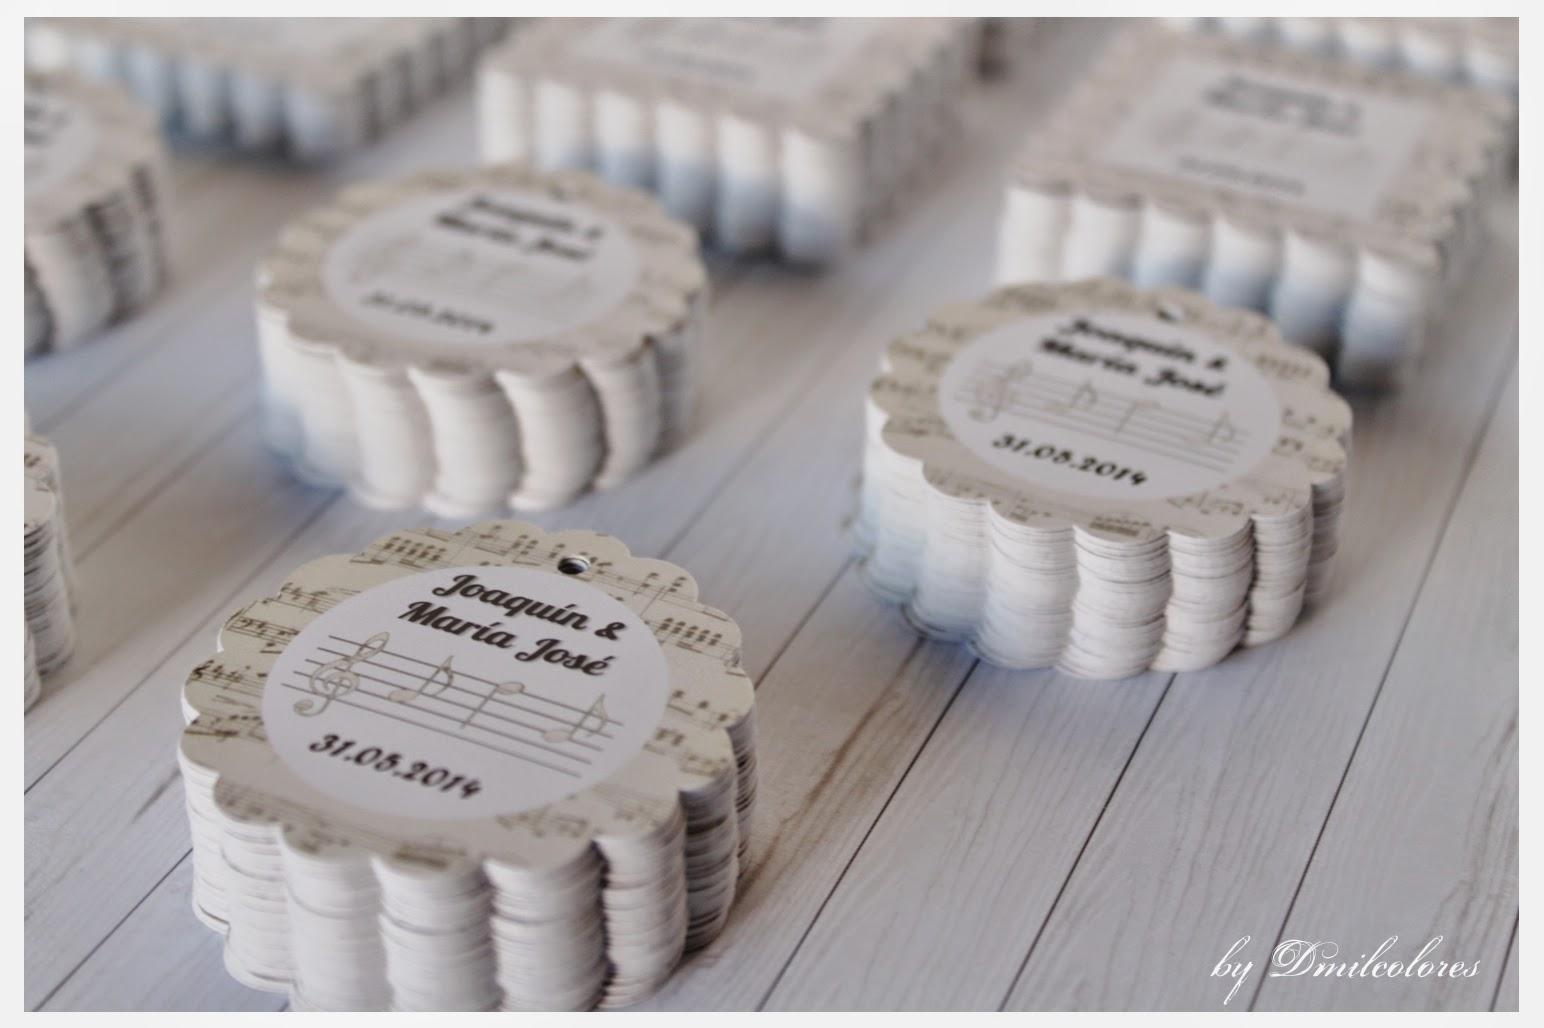 Proyecto500etiquetas entregado dmilcolores detalles originales y alfileres de novia - Detalles de boda elegantes ...